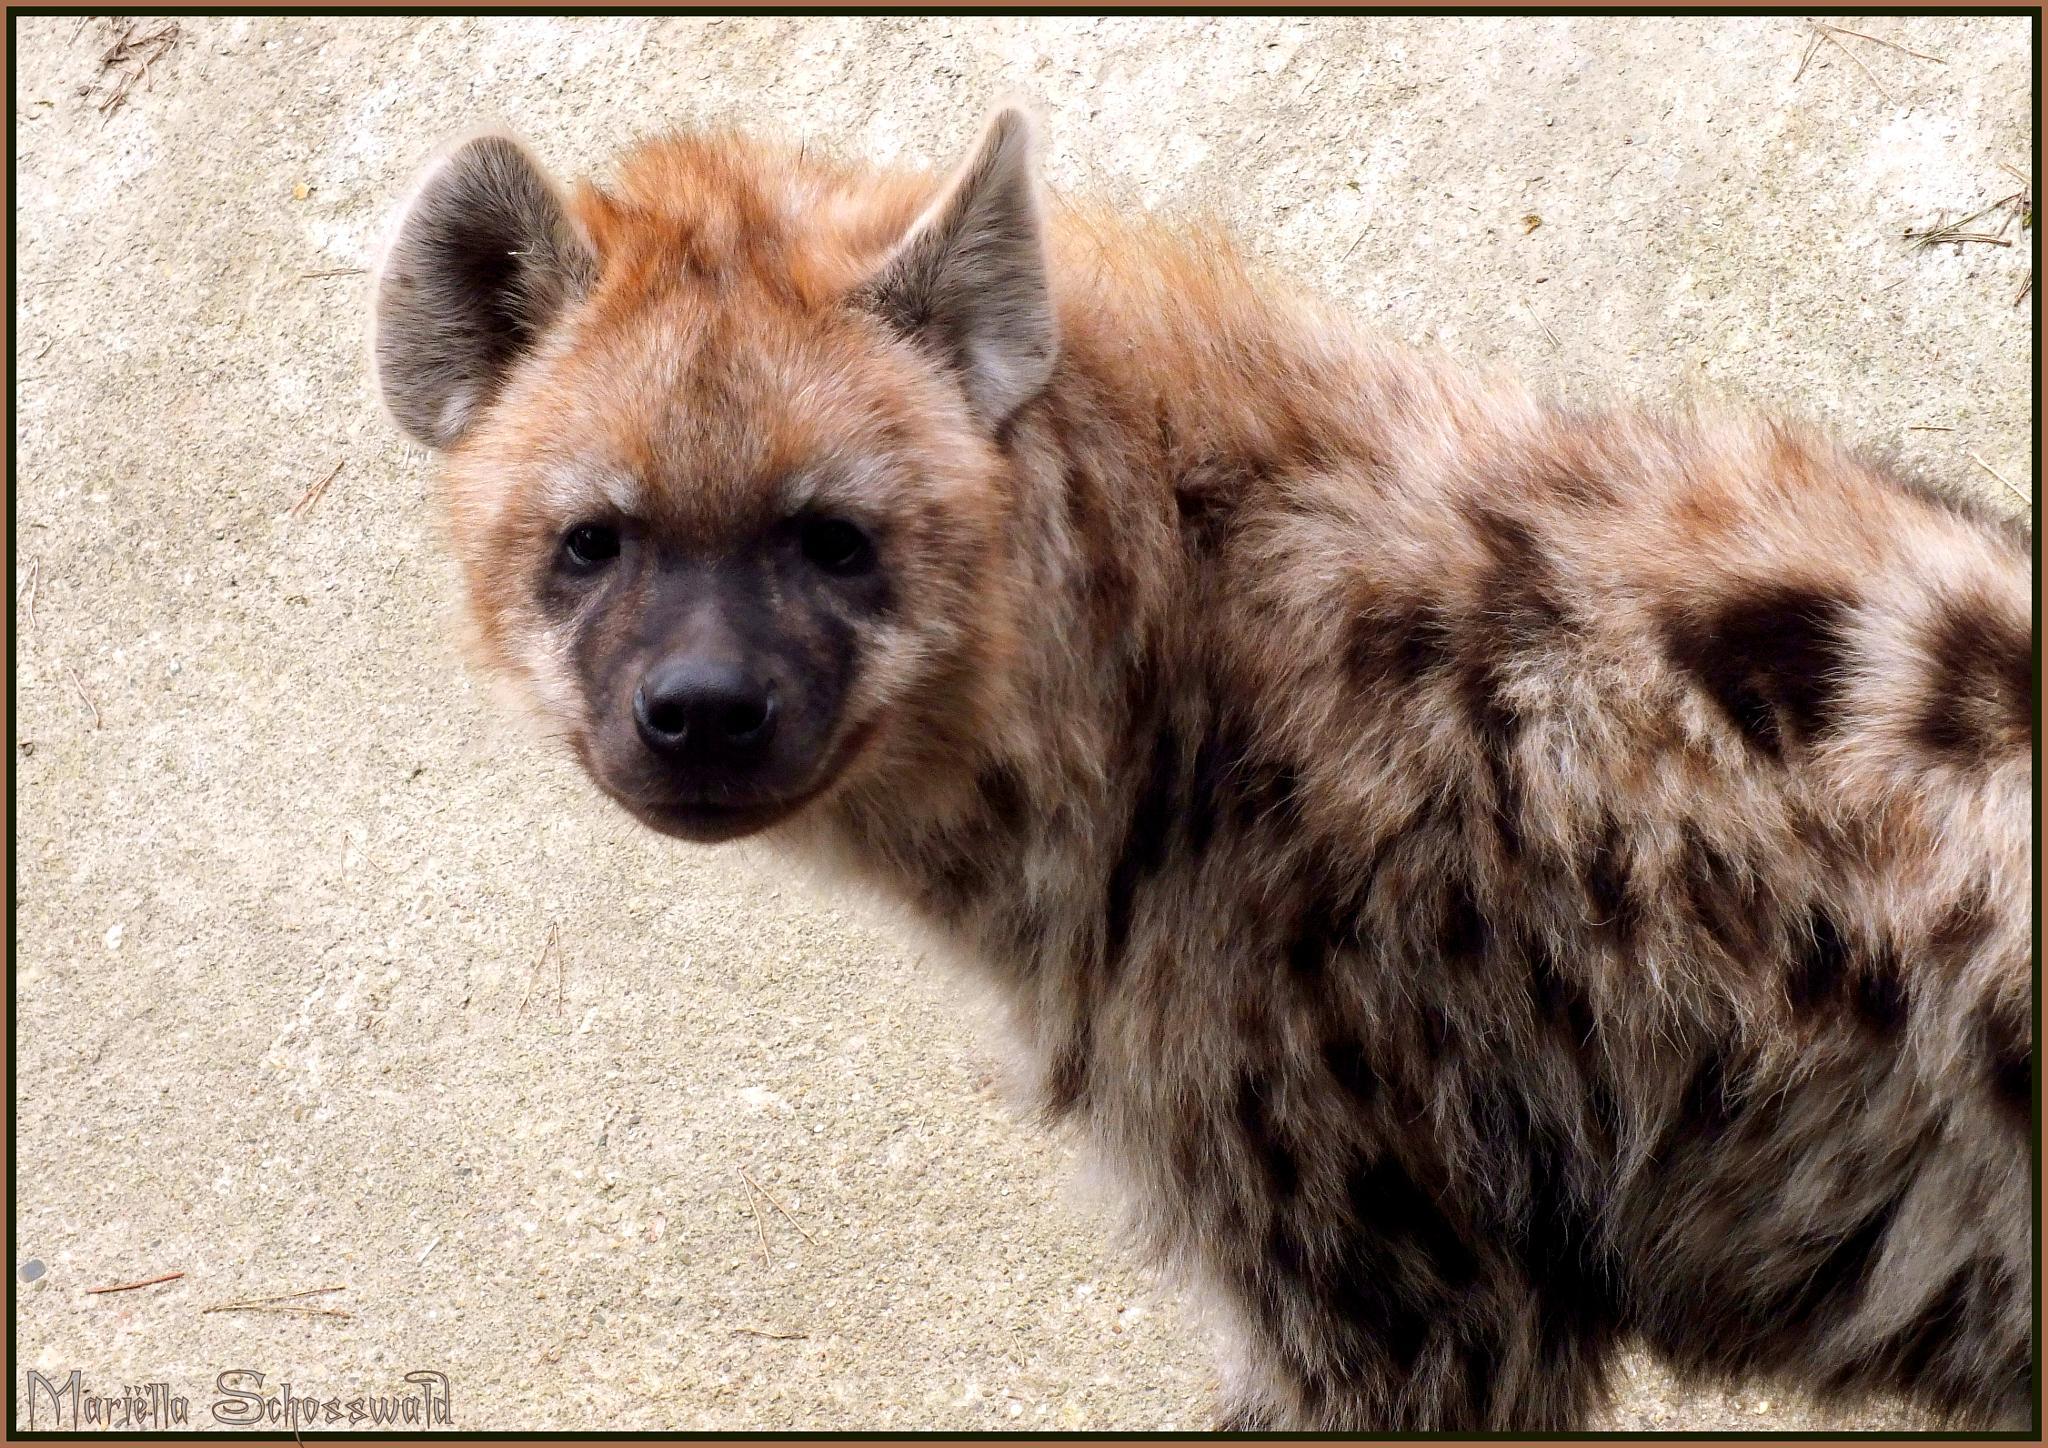 hyena by Mariëlla van der Lans-Schosswald